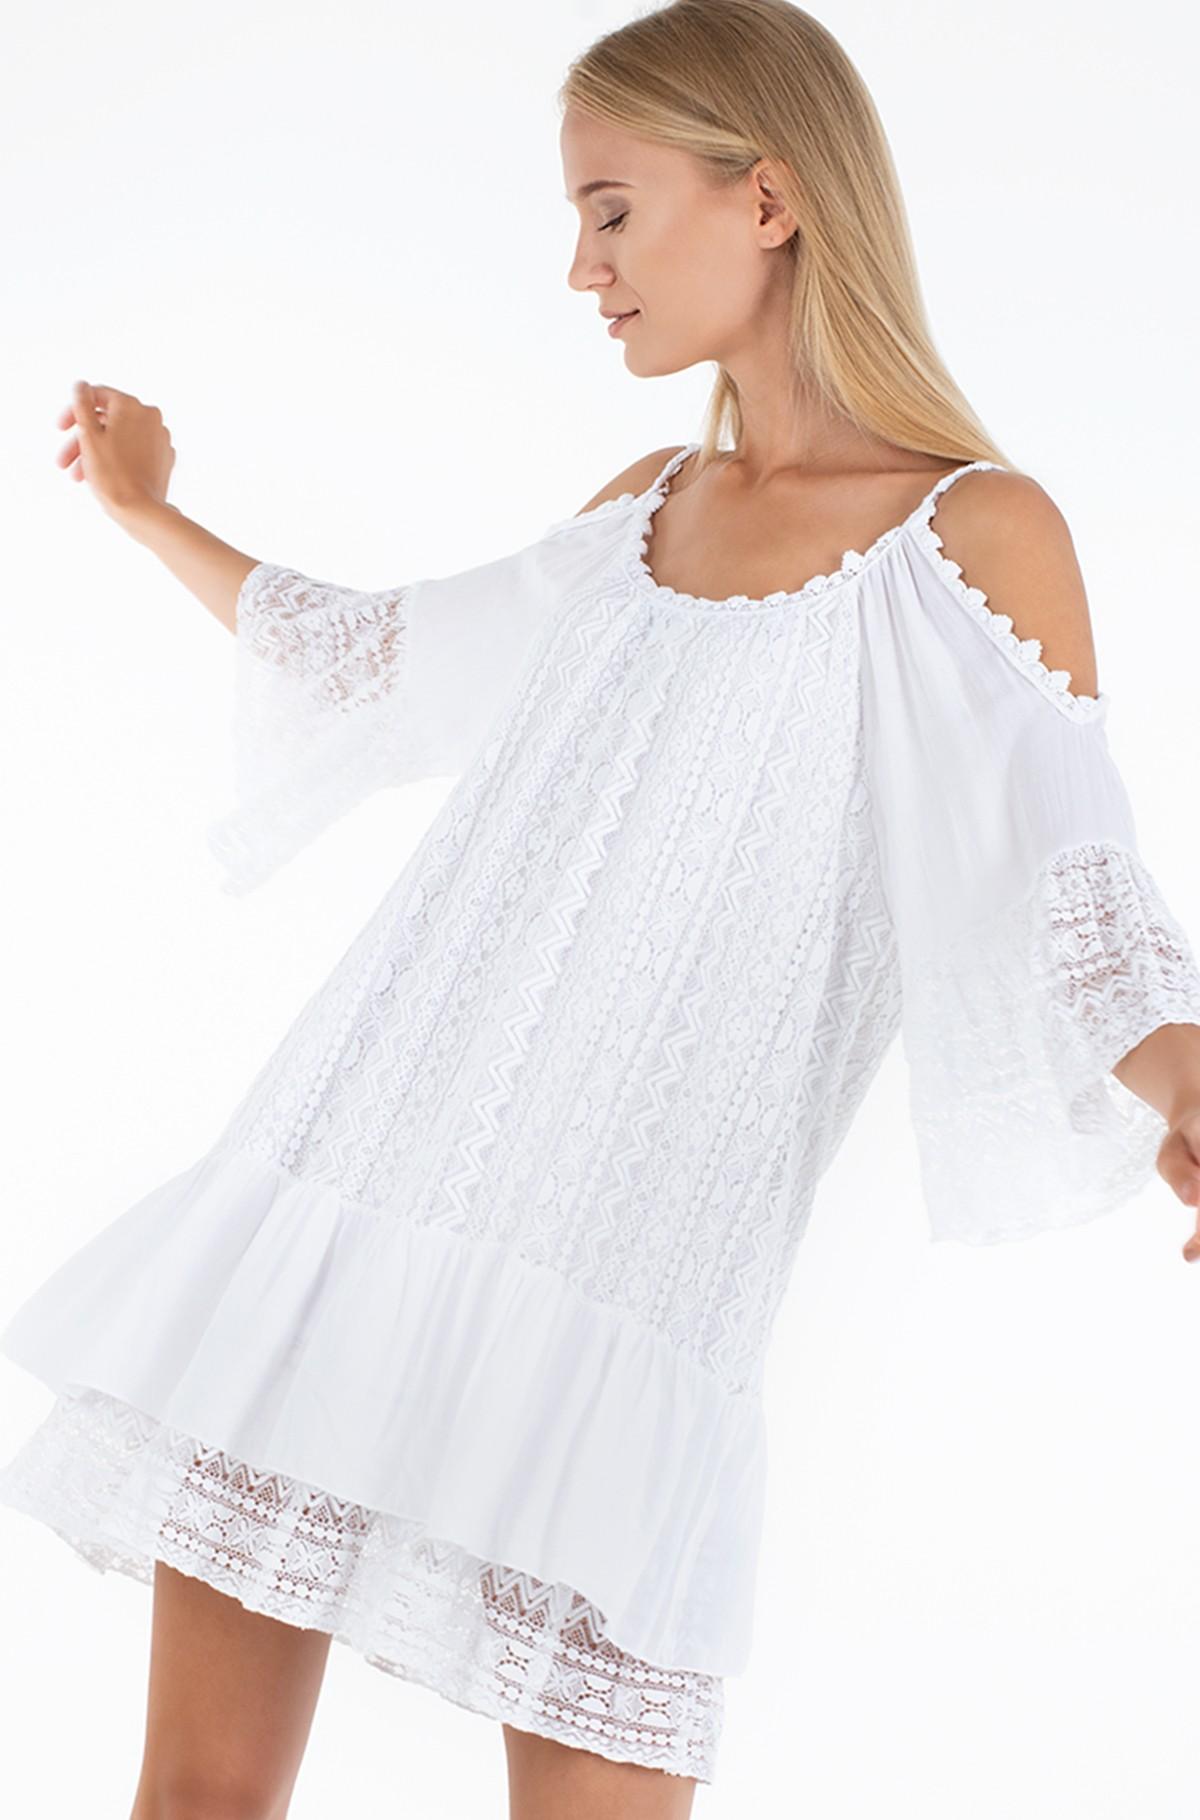 Dress W0GK1F WCUZ0-full-1